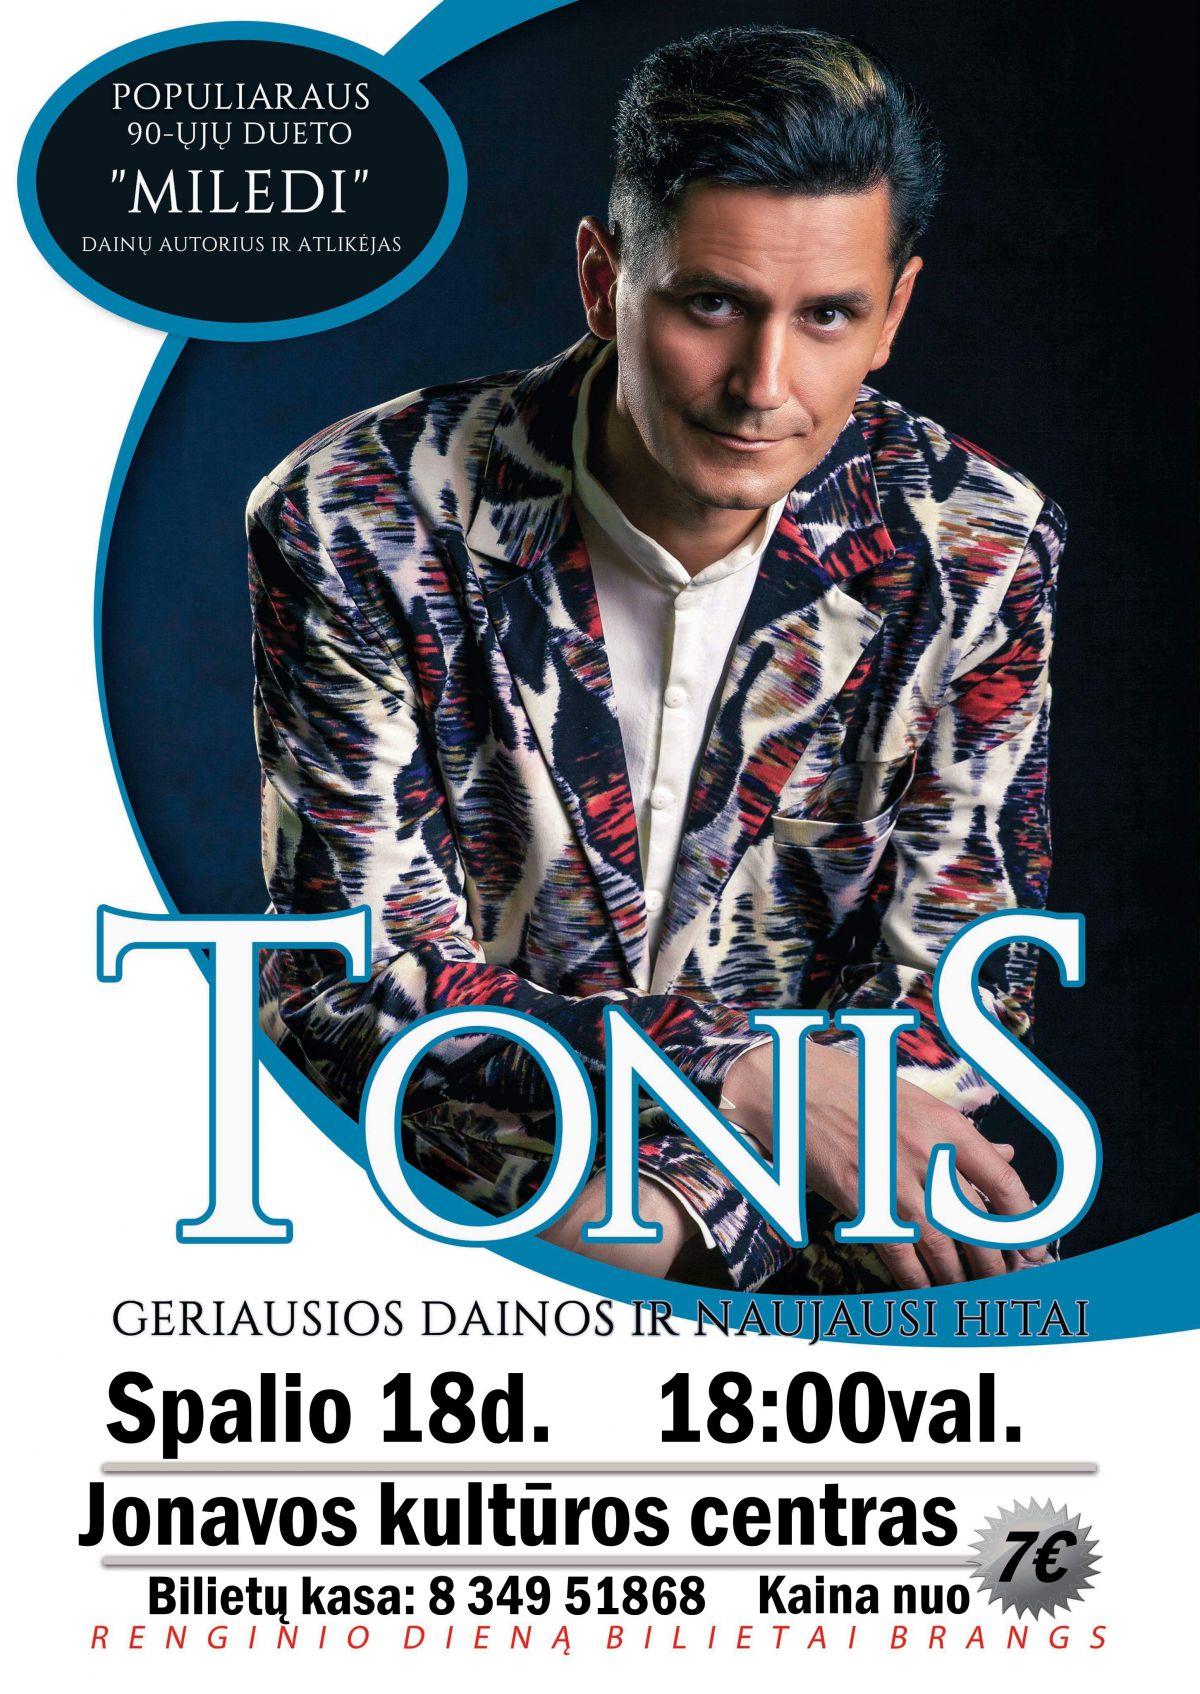 Tonis - koncertas Jonavoje